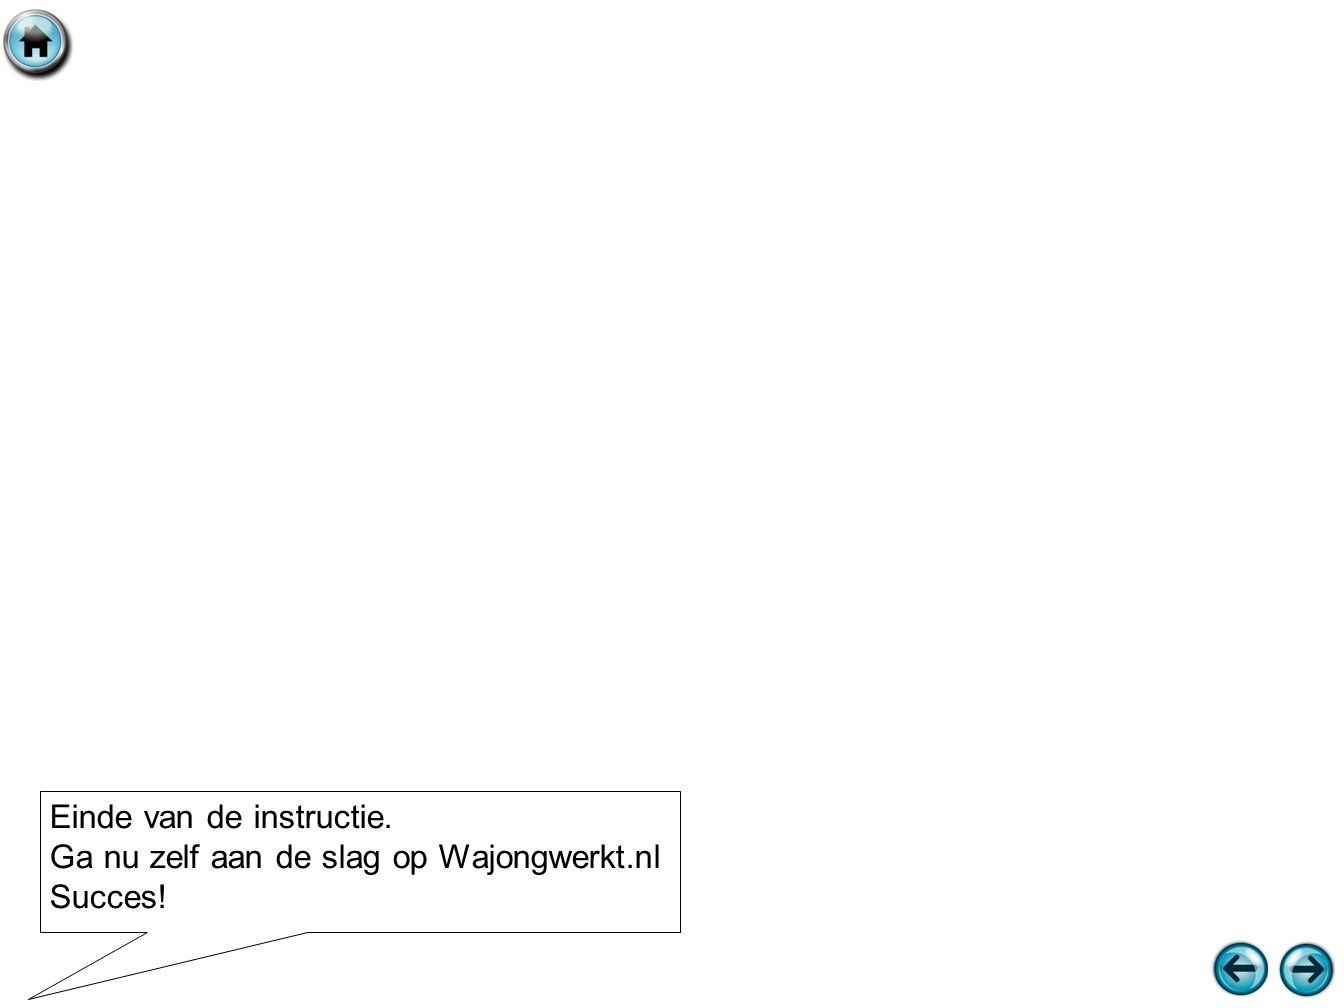 Einde van de instructie. Ga nu zelf aan de slag op Wajongwerkt.nl Succes!